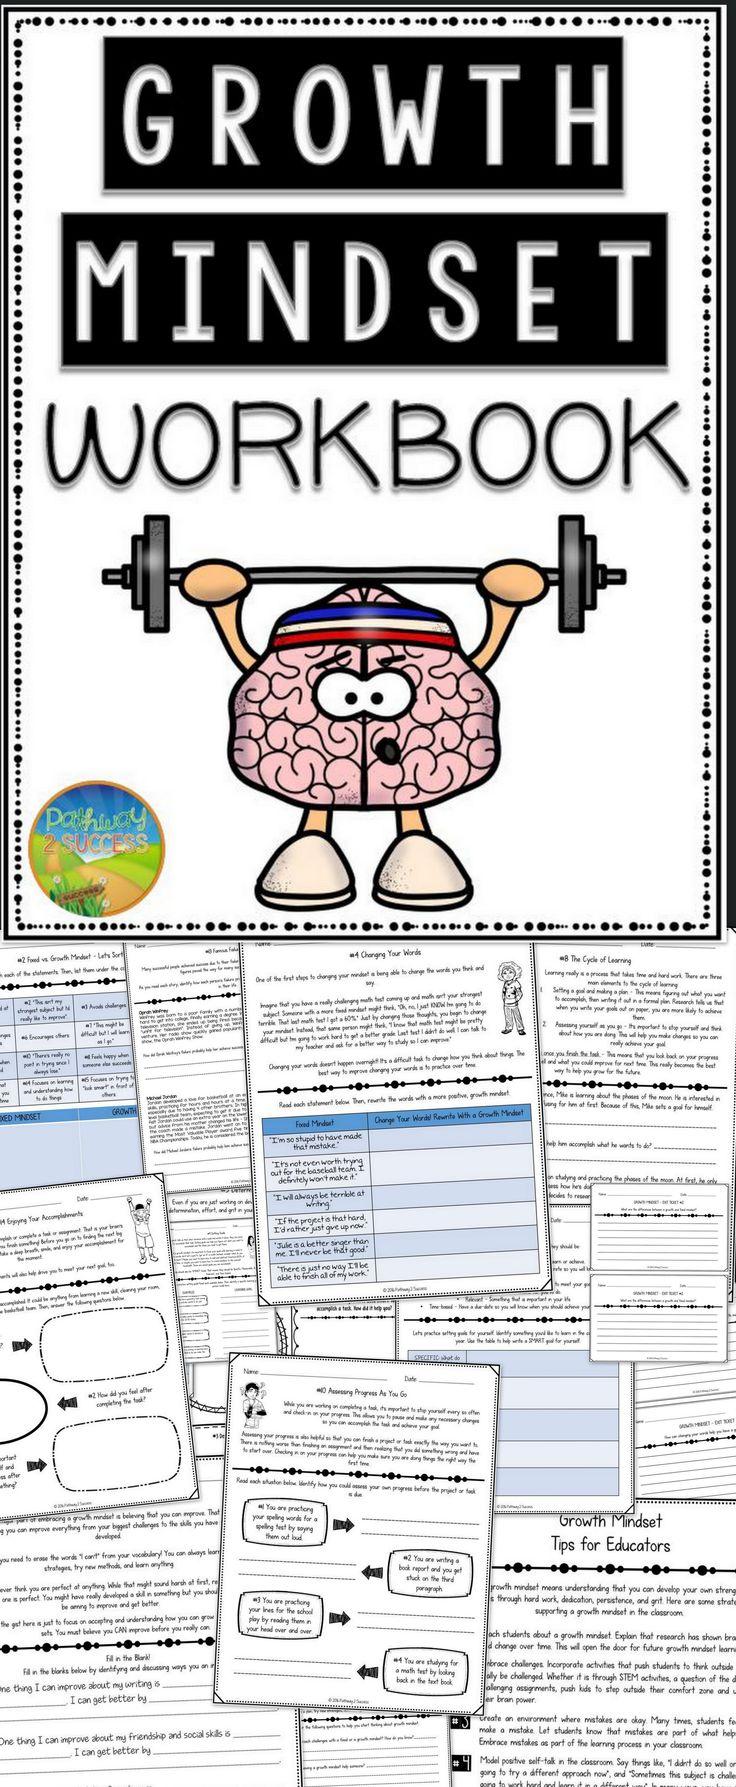 worksheet Growth Mindset Worksheet 253 best growth mindset images on pinterest psychology personal workbook